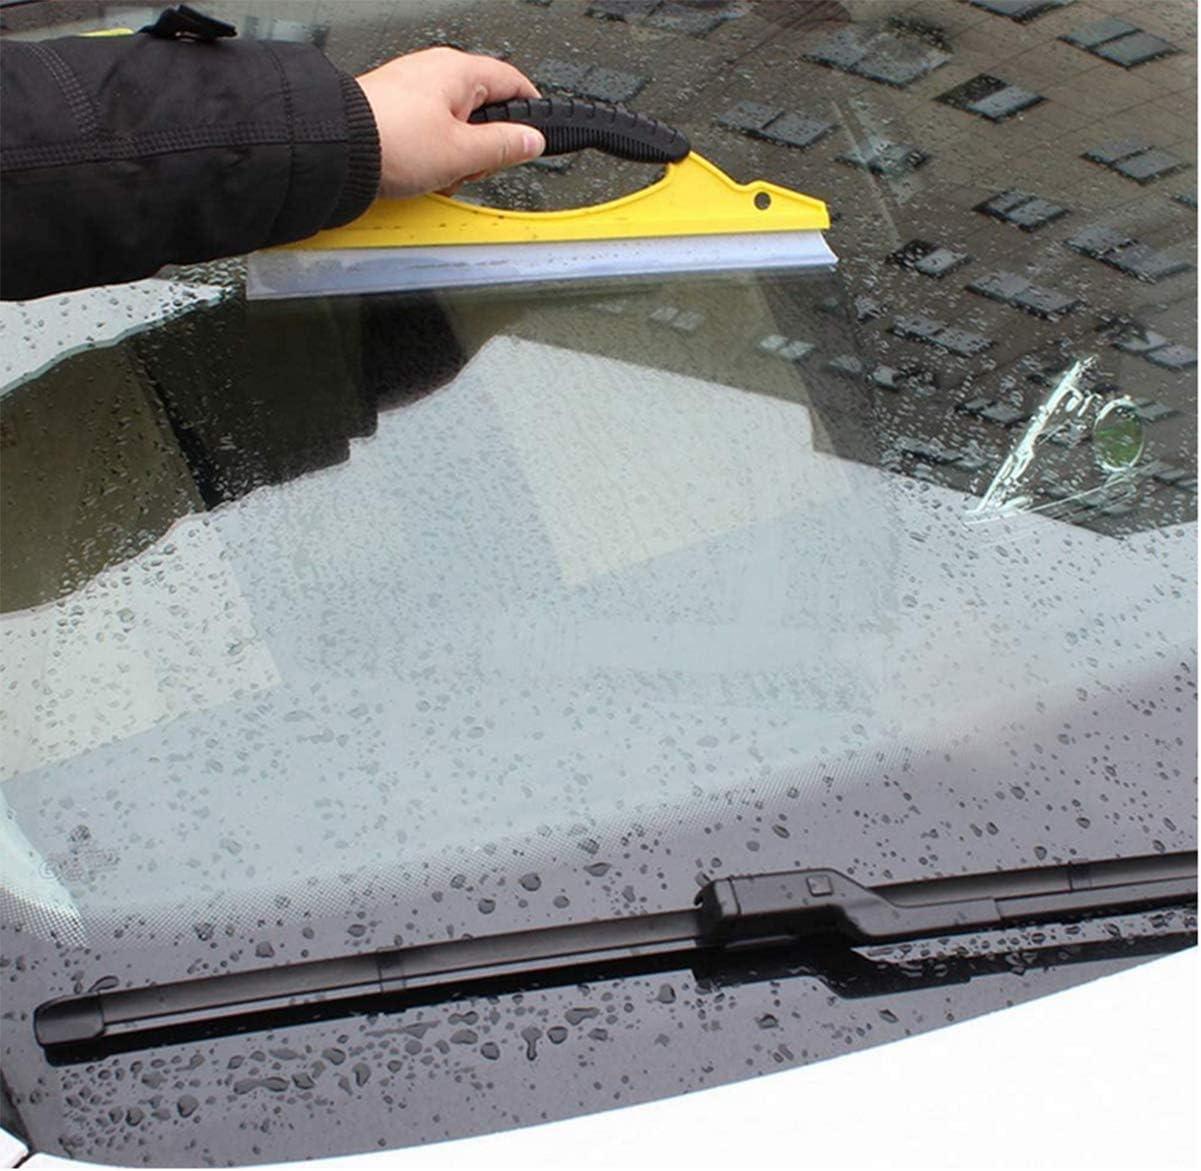 Biluer Tergipavimento per finestre 6PCS Tergivetro per Doccia Tergicristallo in Silicone Adatto per Vetri Auto Finestre o Bagni